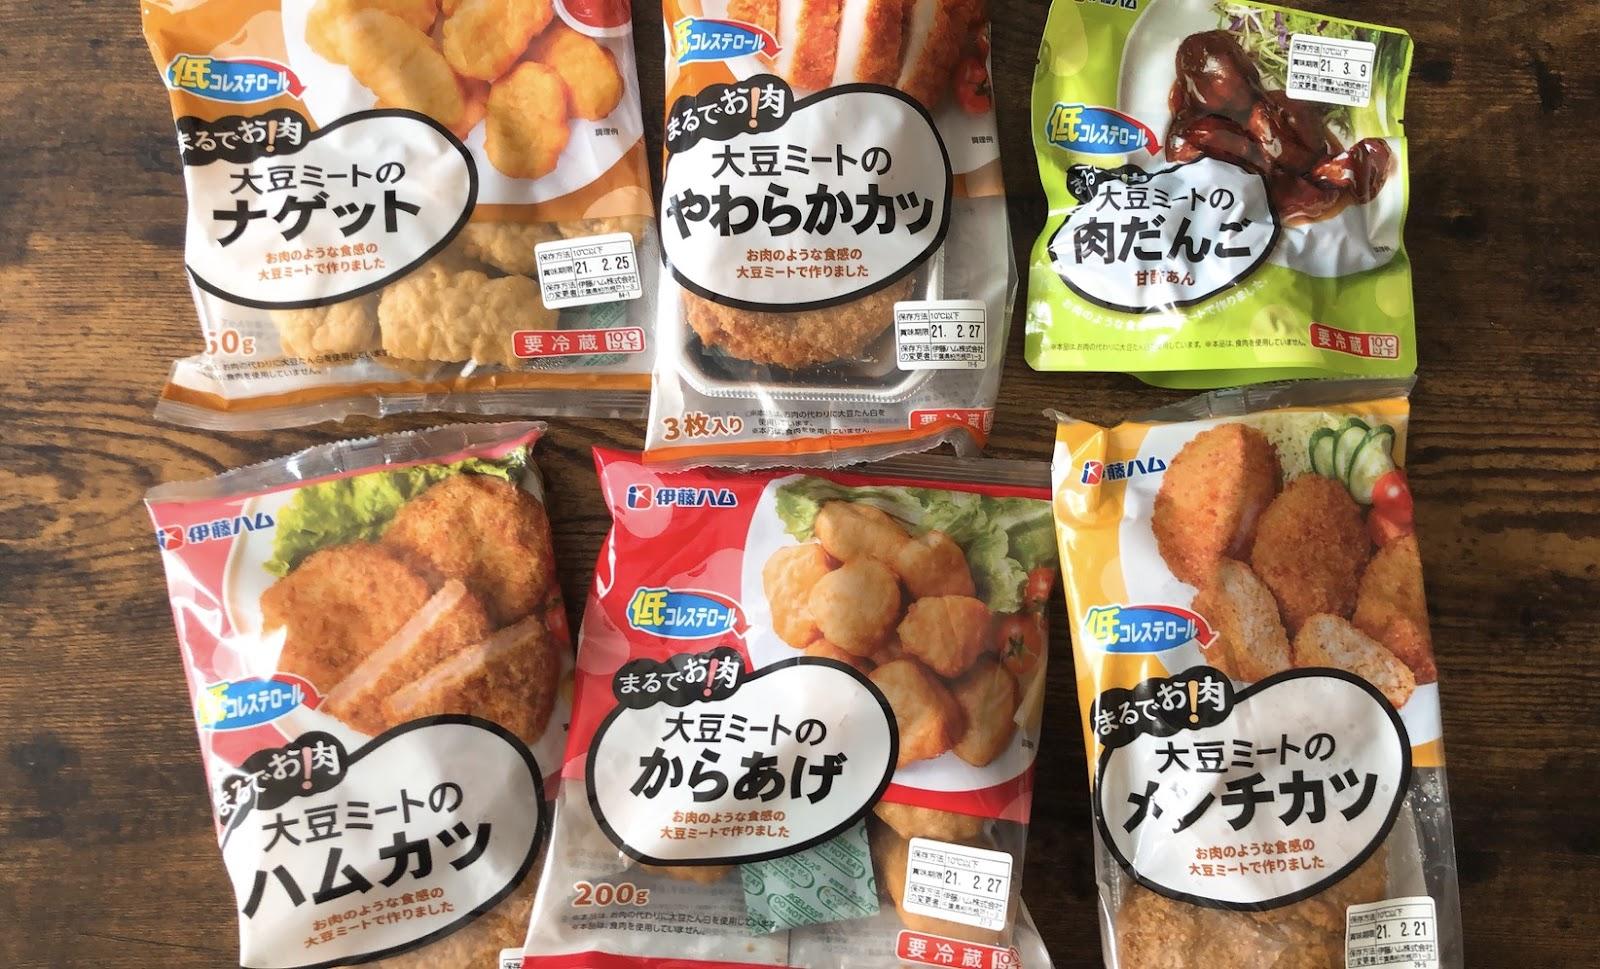 伊藤ハム「まるでお肉!大豆ミート」の各商品パッケージ